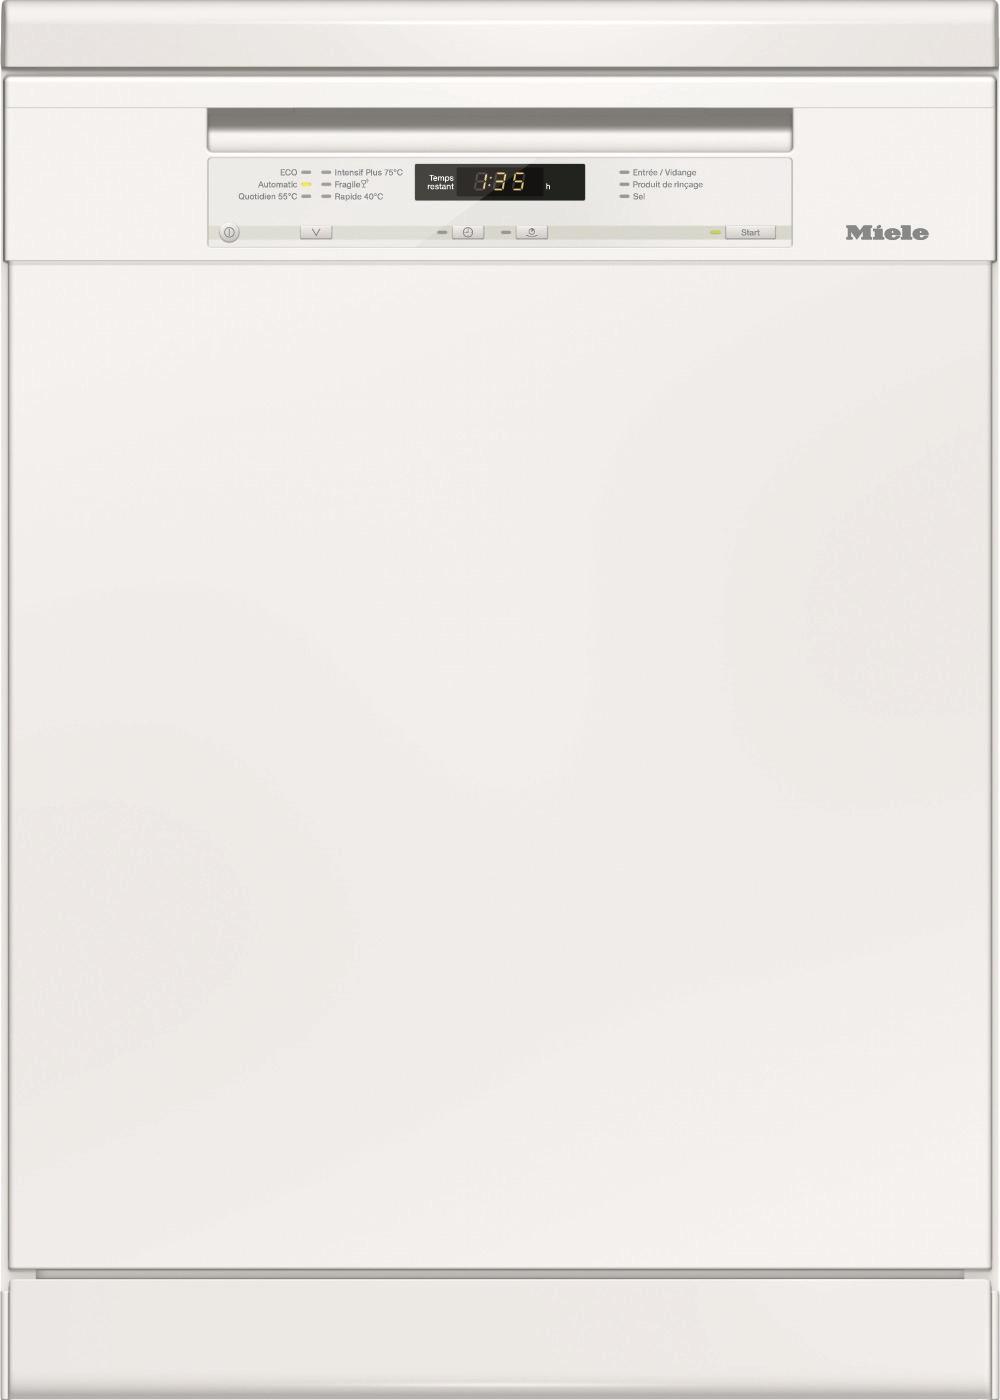 miele g 4960 scvi cat gorie lave vaisselle. Black Bedroom Furniture Sets. Home Design Ideas